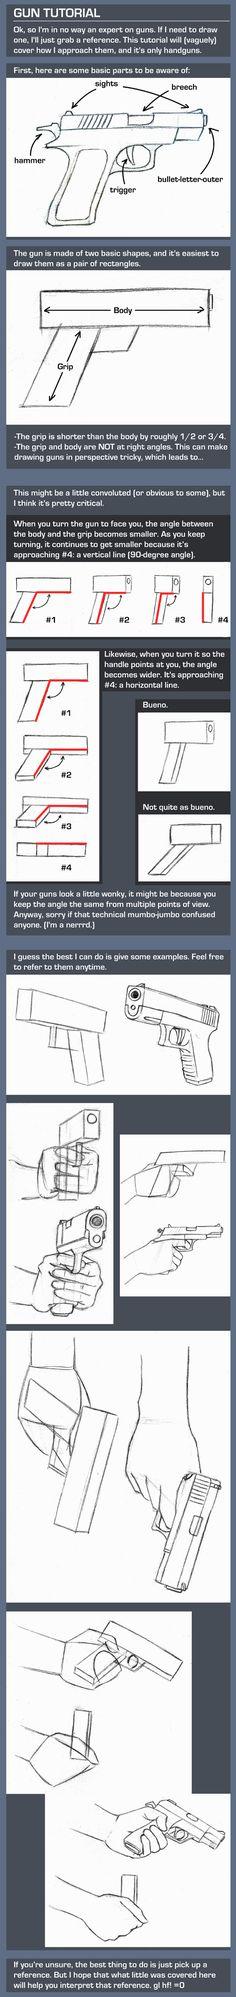 Gun 'Tutorial' by TheAmoebic on DeviantArt